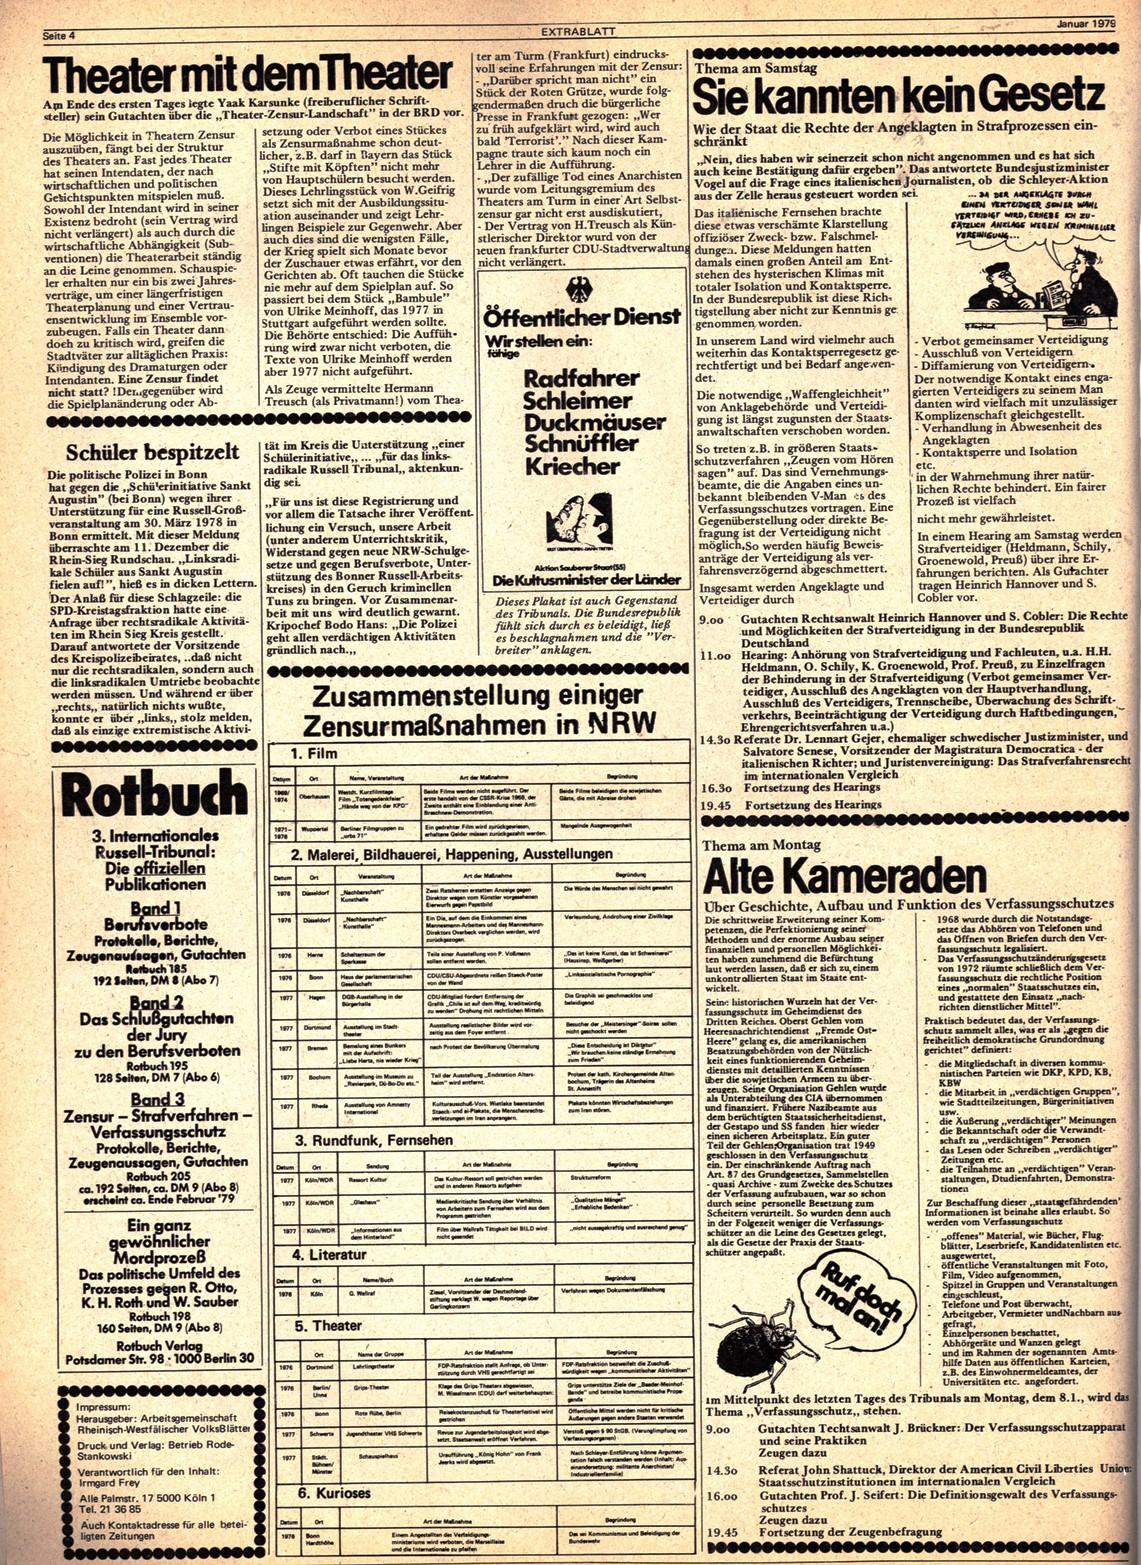 Bonner_Volksblatt_Extra_19790103_04